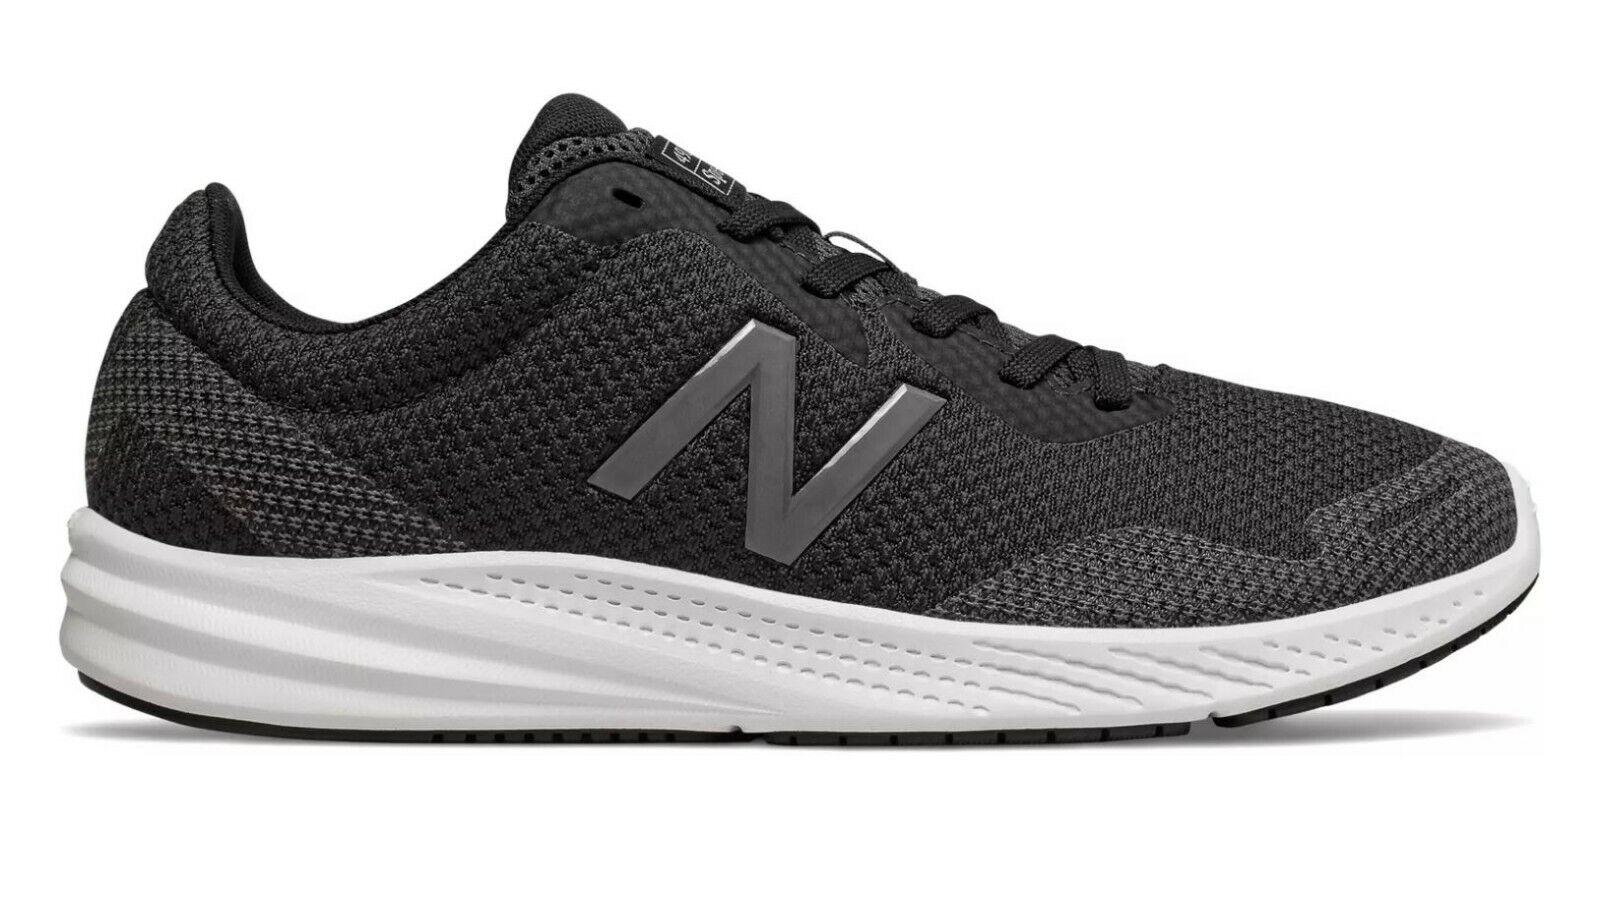 Ultime RELAZIONI New  Balance 490 Mens Running scarpe (2E) (M490LB7)  costo effettivo